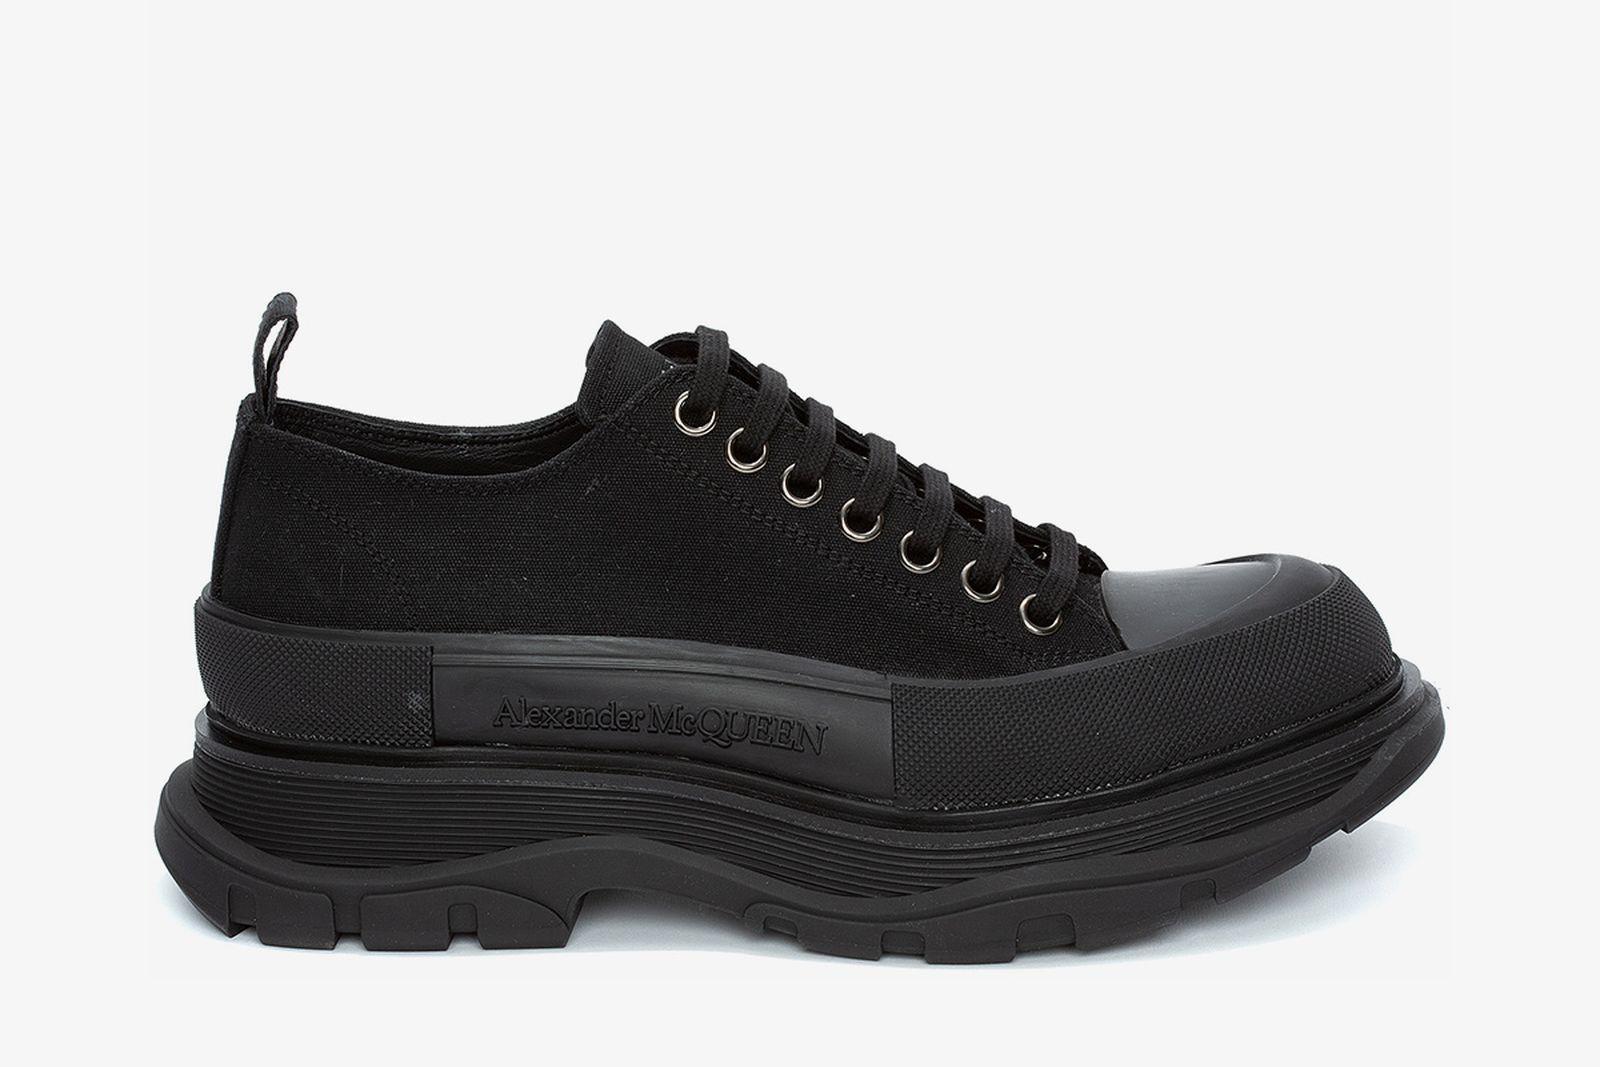 alexander-mcqueen-tread-slick-release-date-price-product-03